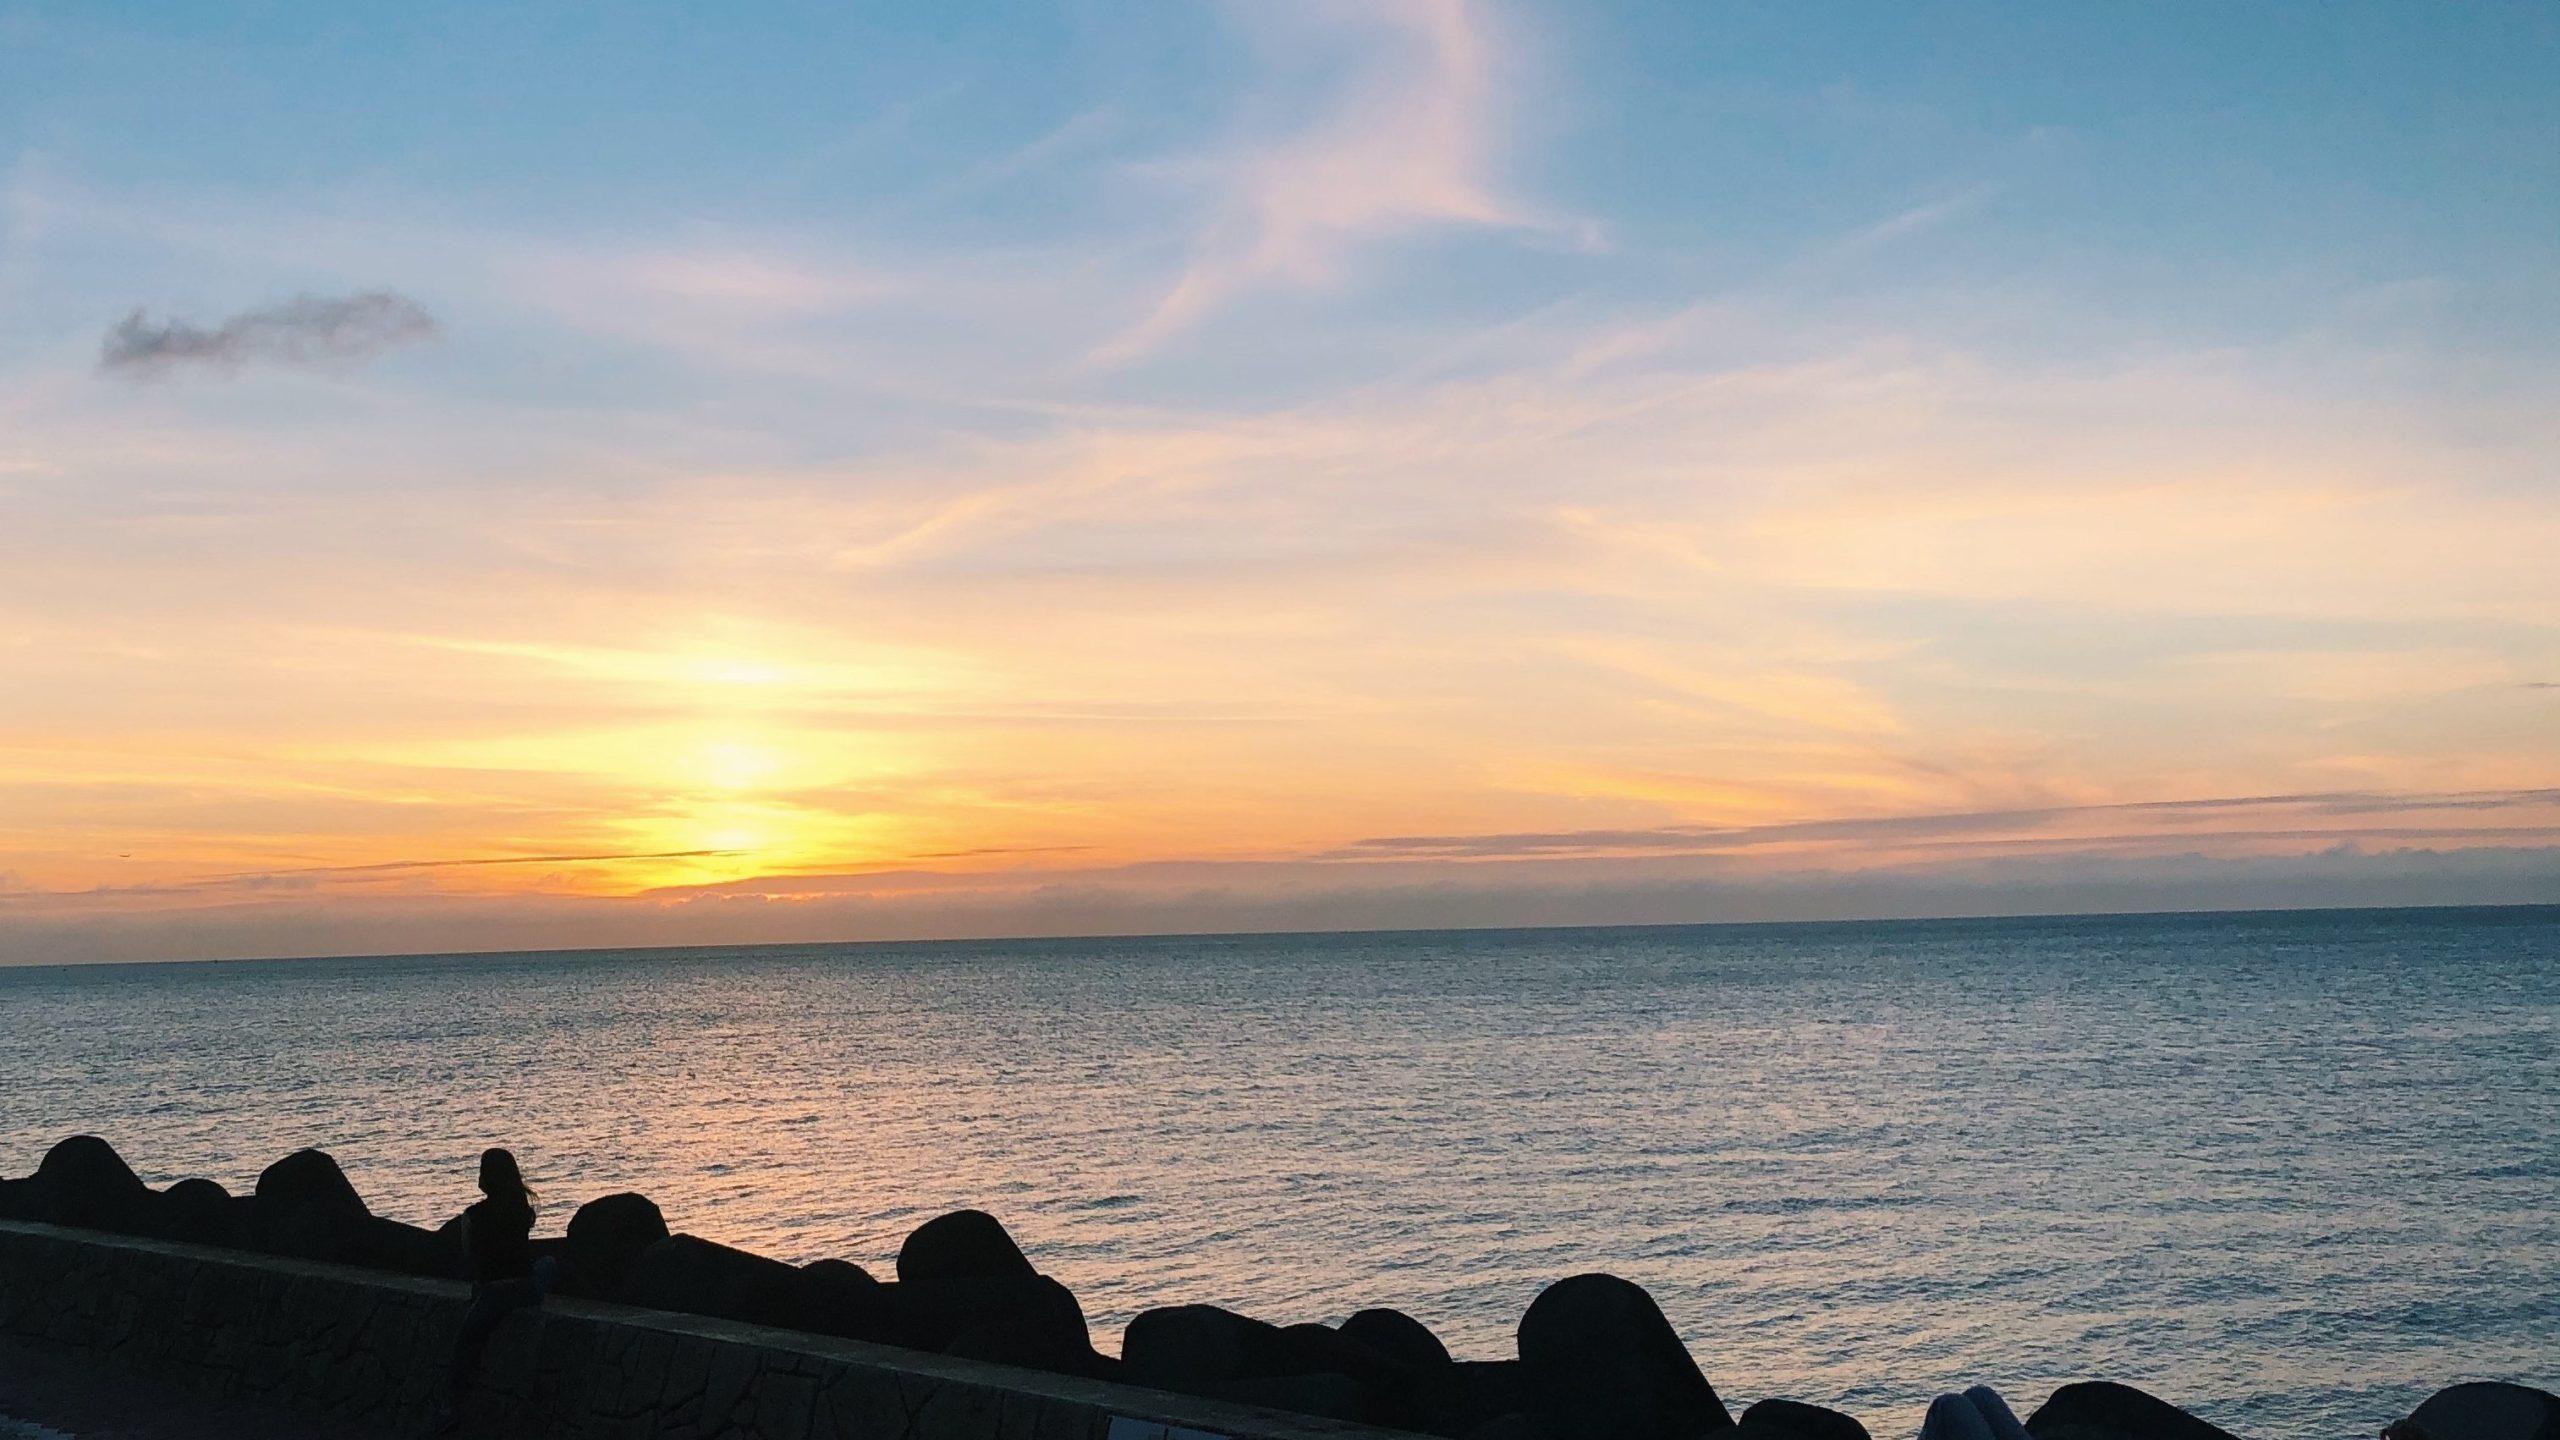 大好きなセブ島で留学事業に携わりたいという目標 ≪M・N≫